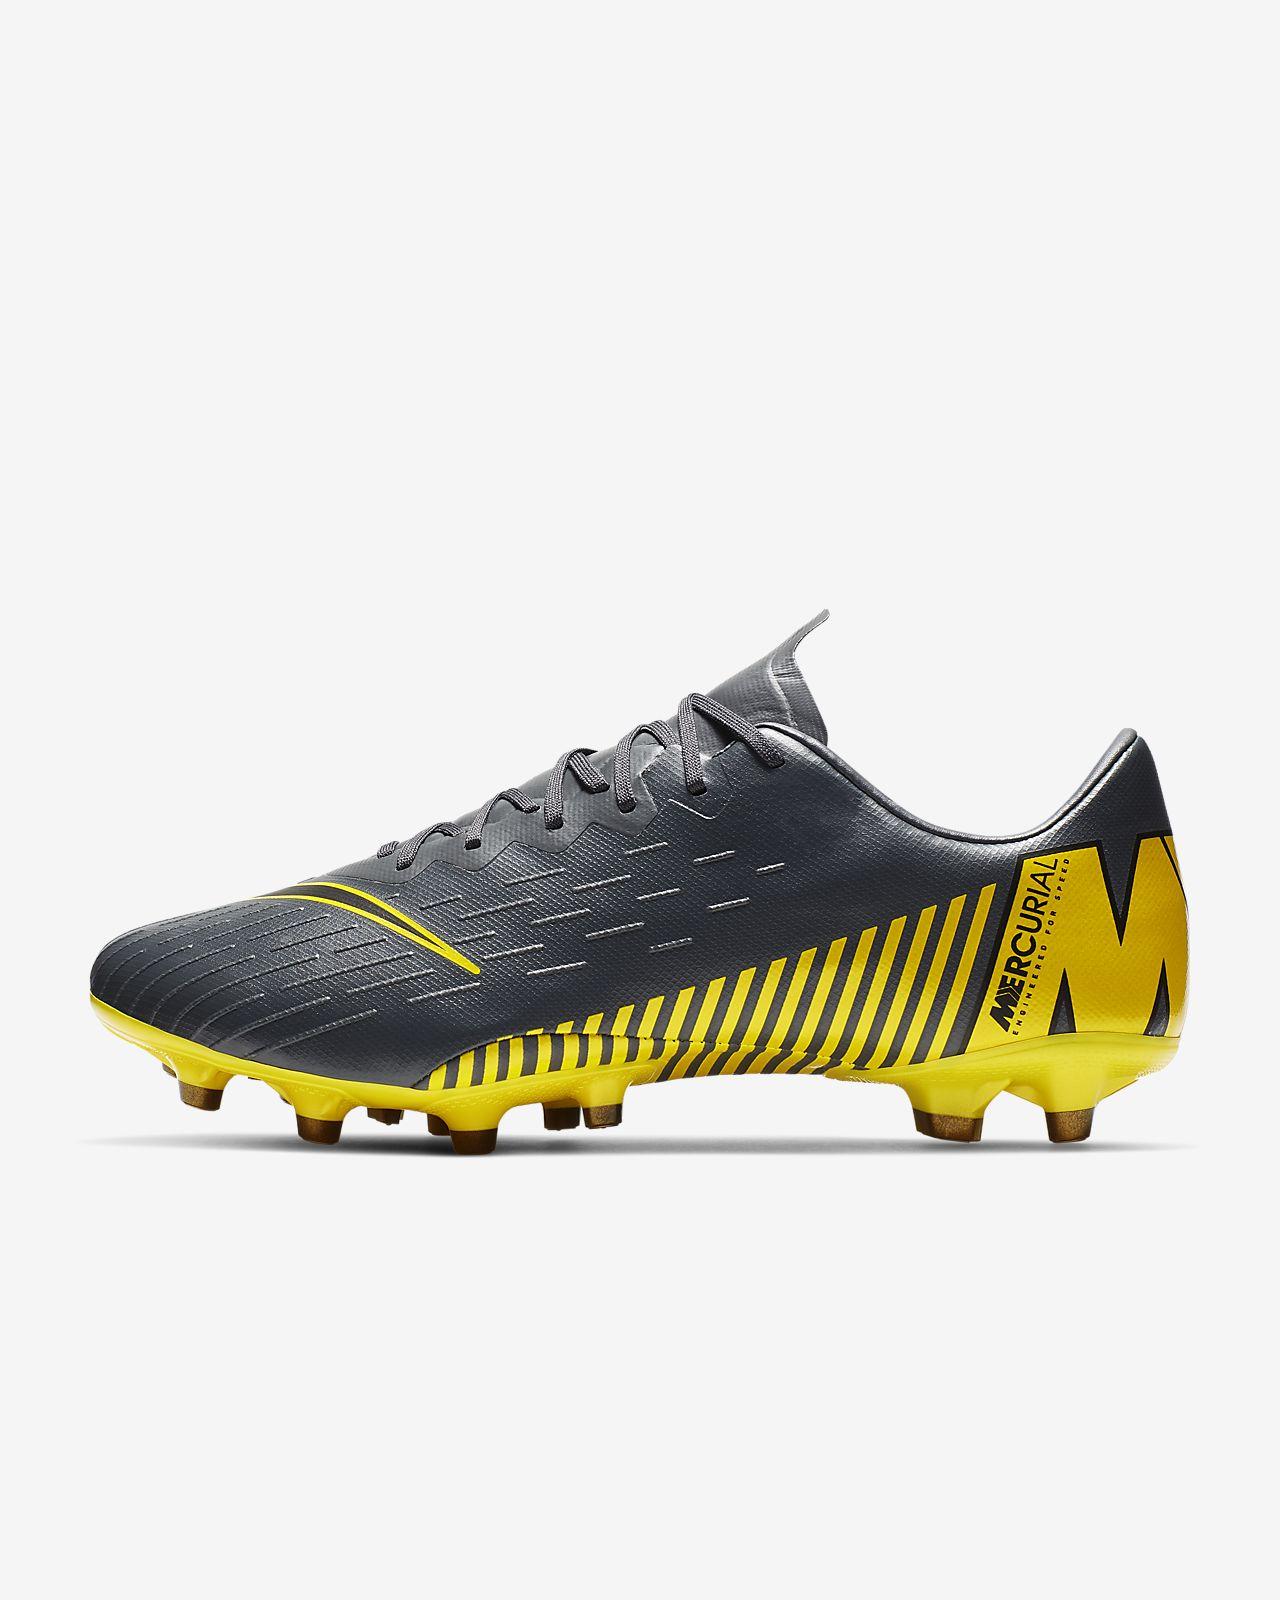 half off f88dd 34e7b ... low priced 37e7b 7d817 Fotbollsko för konstgräs Nike Mercurial Vapor XII  Pro AG-PRO